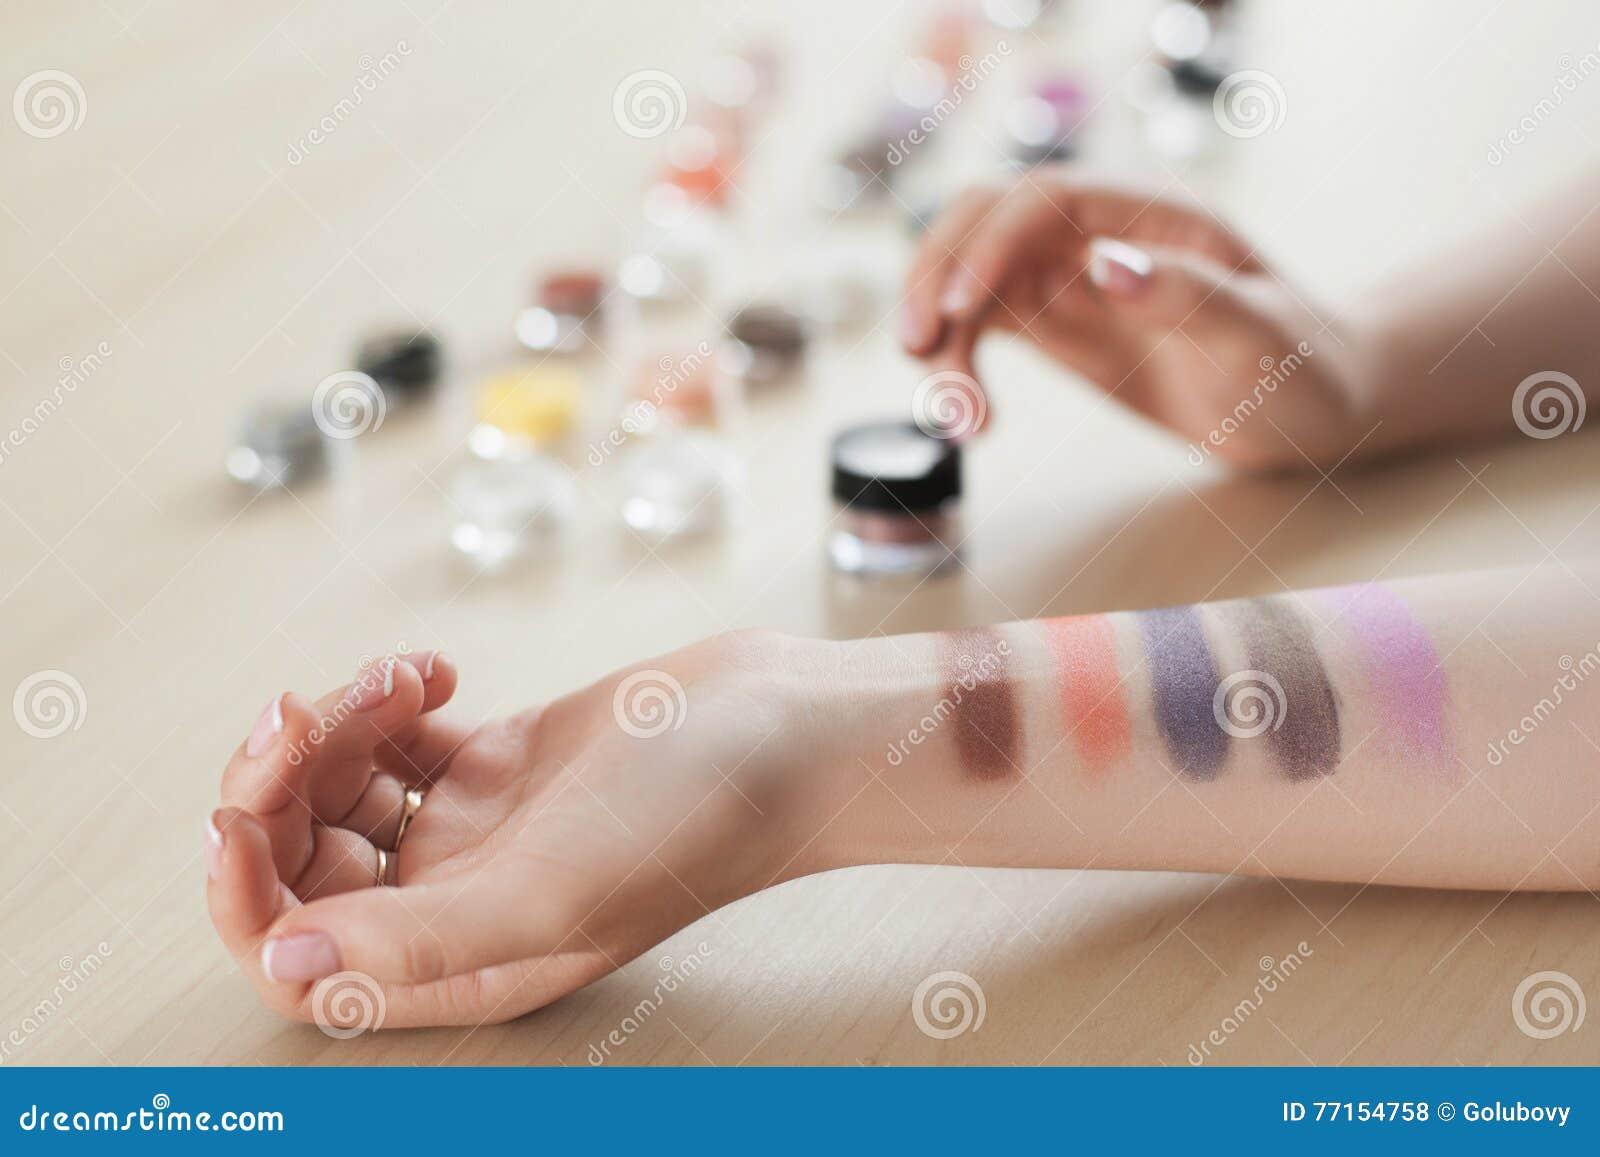 Main femelle avec des couleurs de fard à paupières, plan rapproché